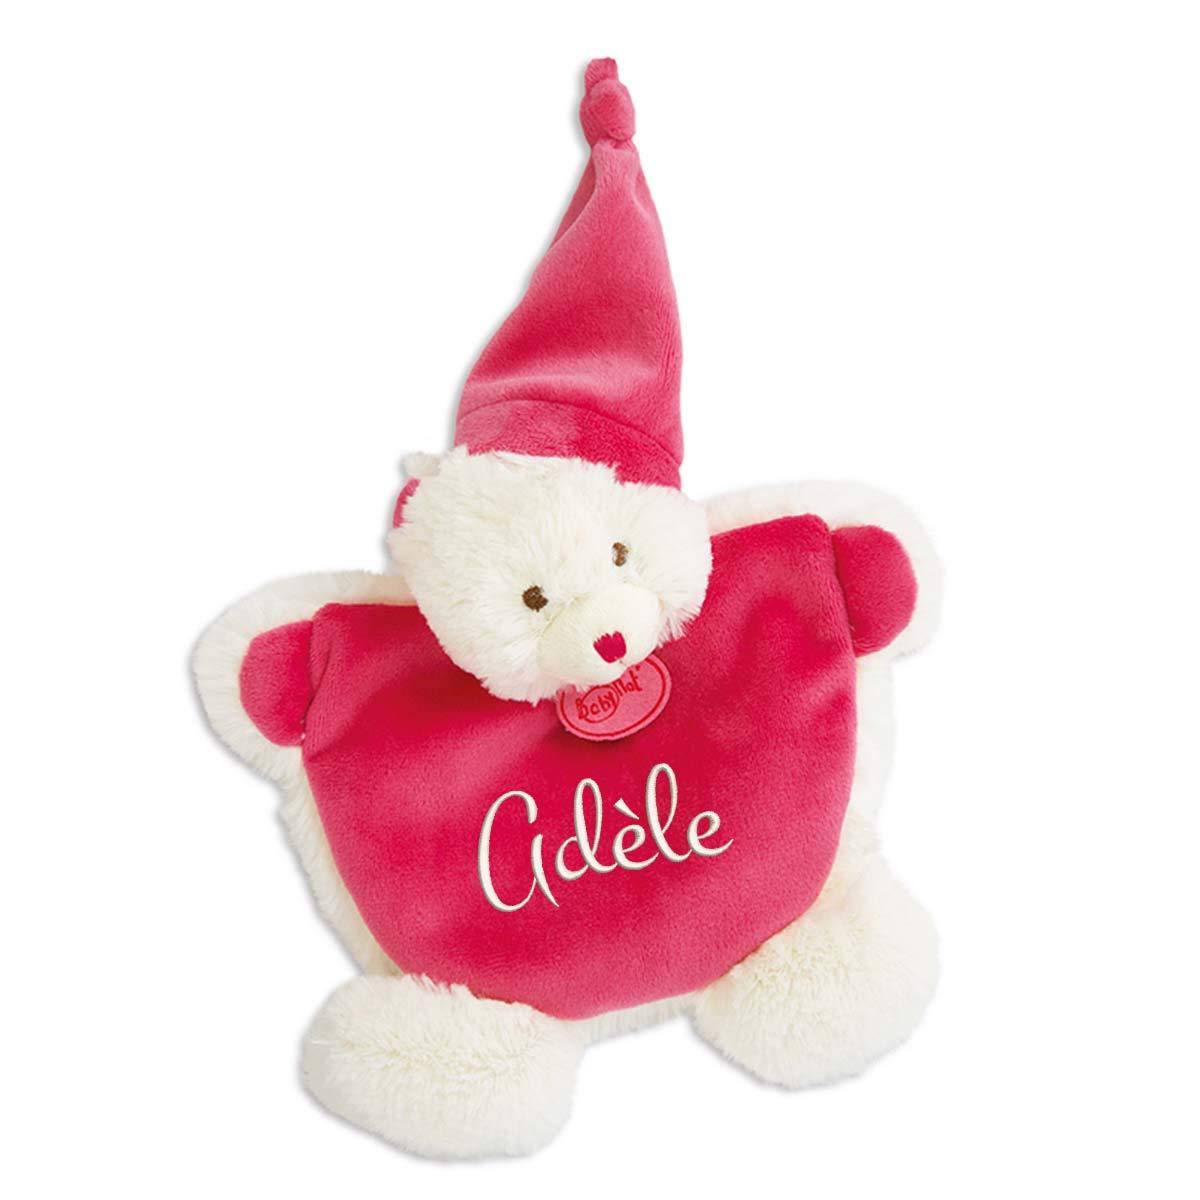 Doudou ourson rose à broder avec prénom - Les Câlins - cadeau liste de naissance - cadeau personnalisé naissance - cadeau personnalisé Noël